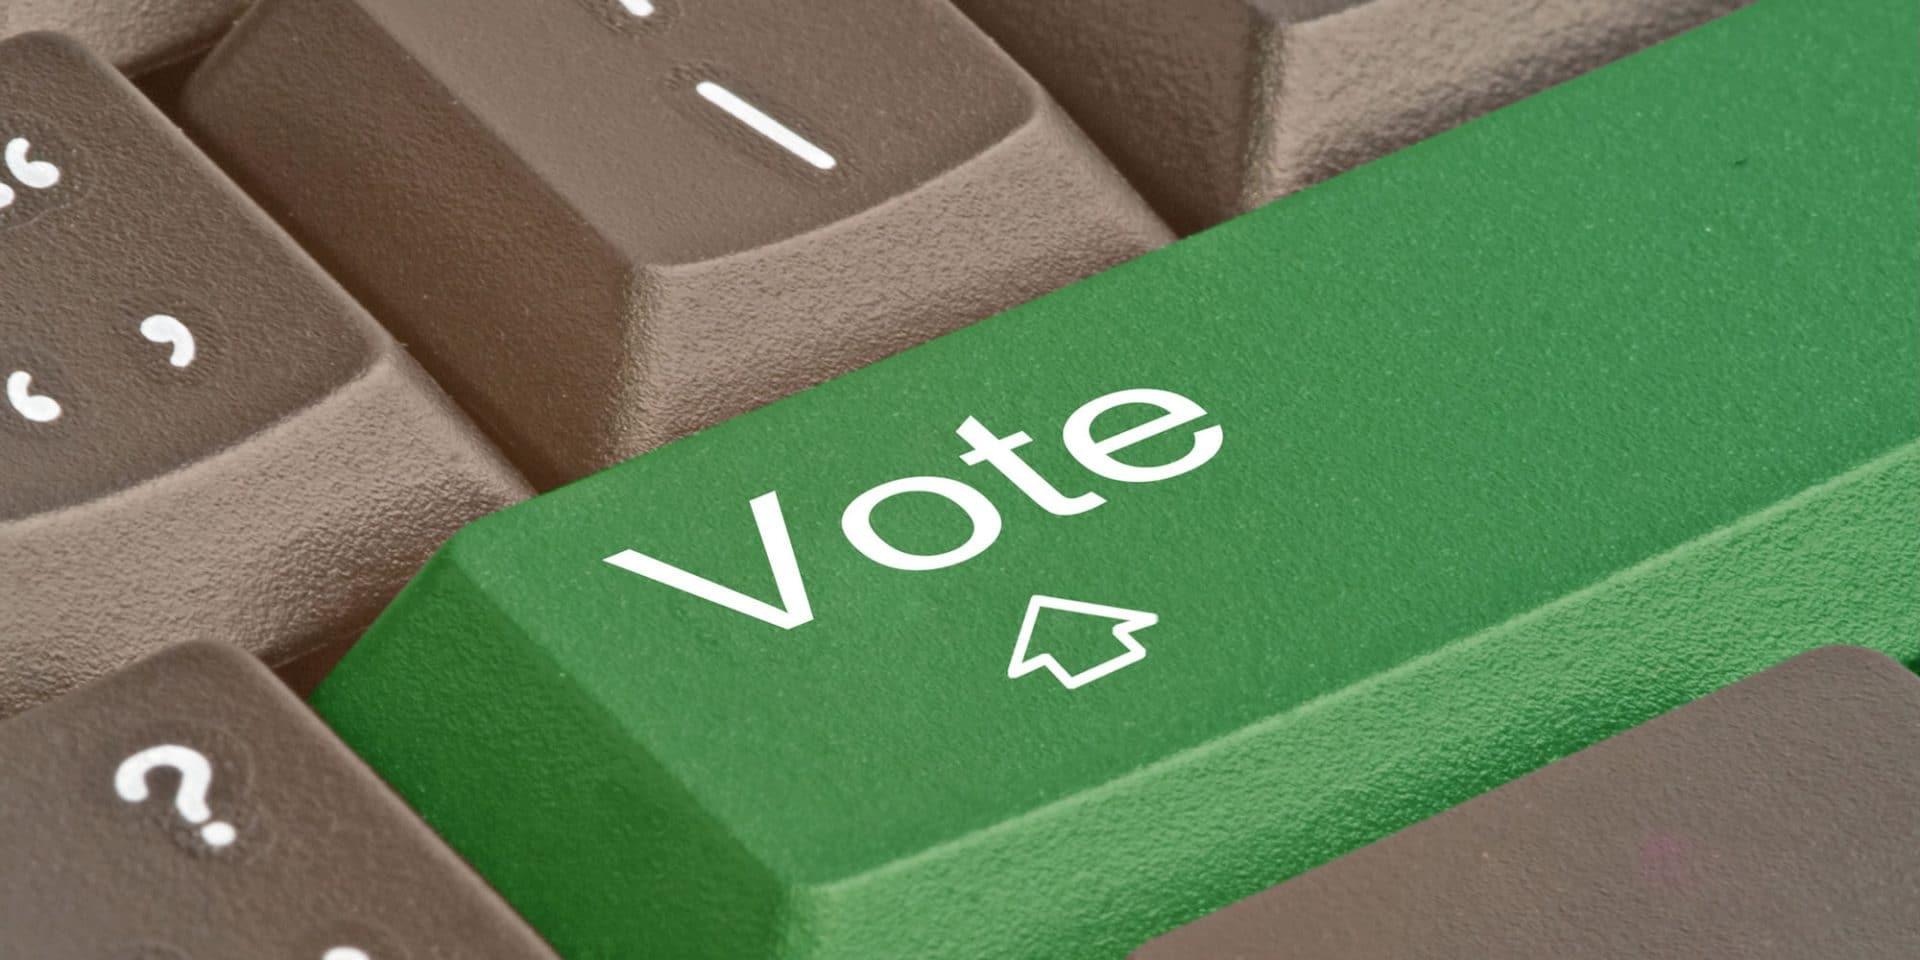 E-valg: Skaber langt flere problemer end det løser